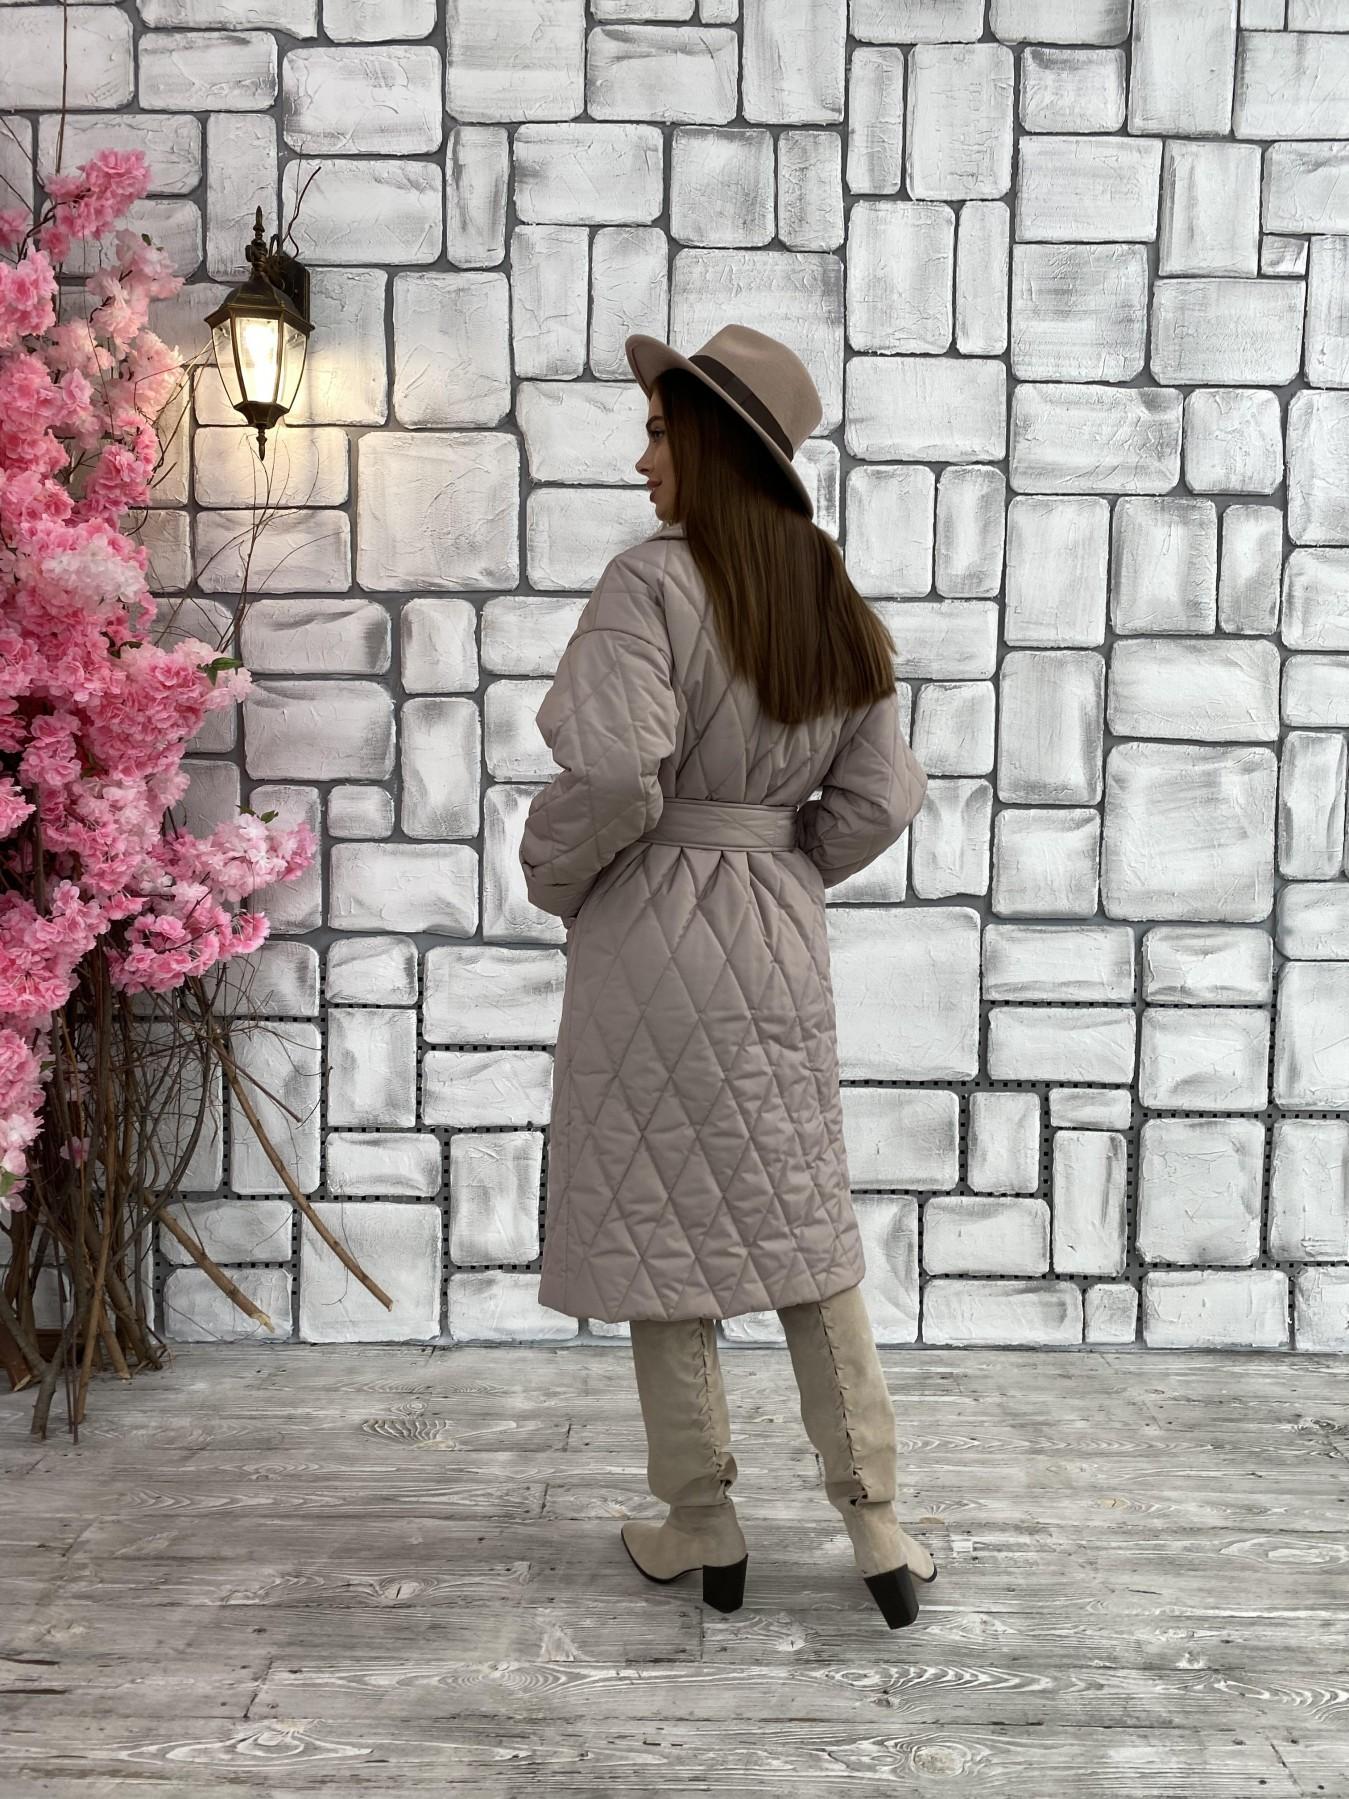 Хаски пальто из стеганой плащевки в ромб 11697 АРТ. 48405 Цвет: Кофе - фото 3, интернет магазин tm-modus.ru